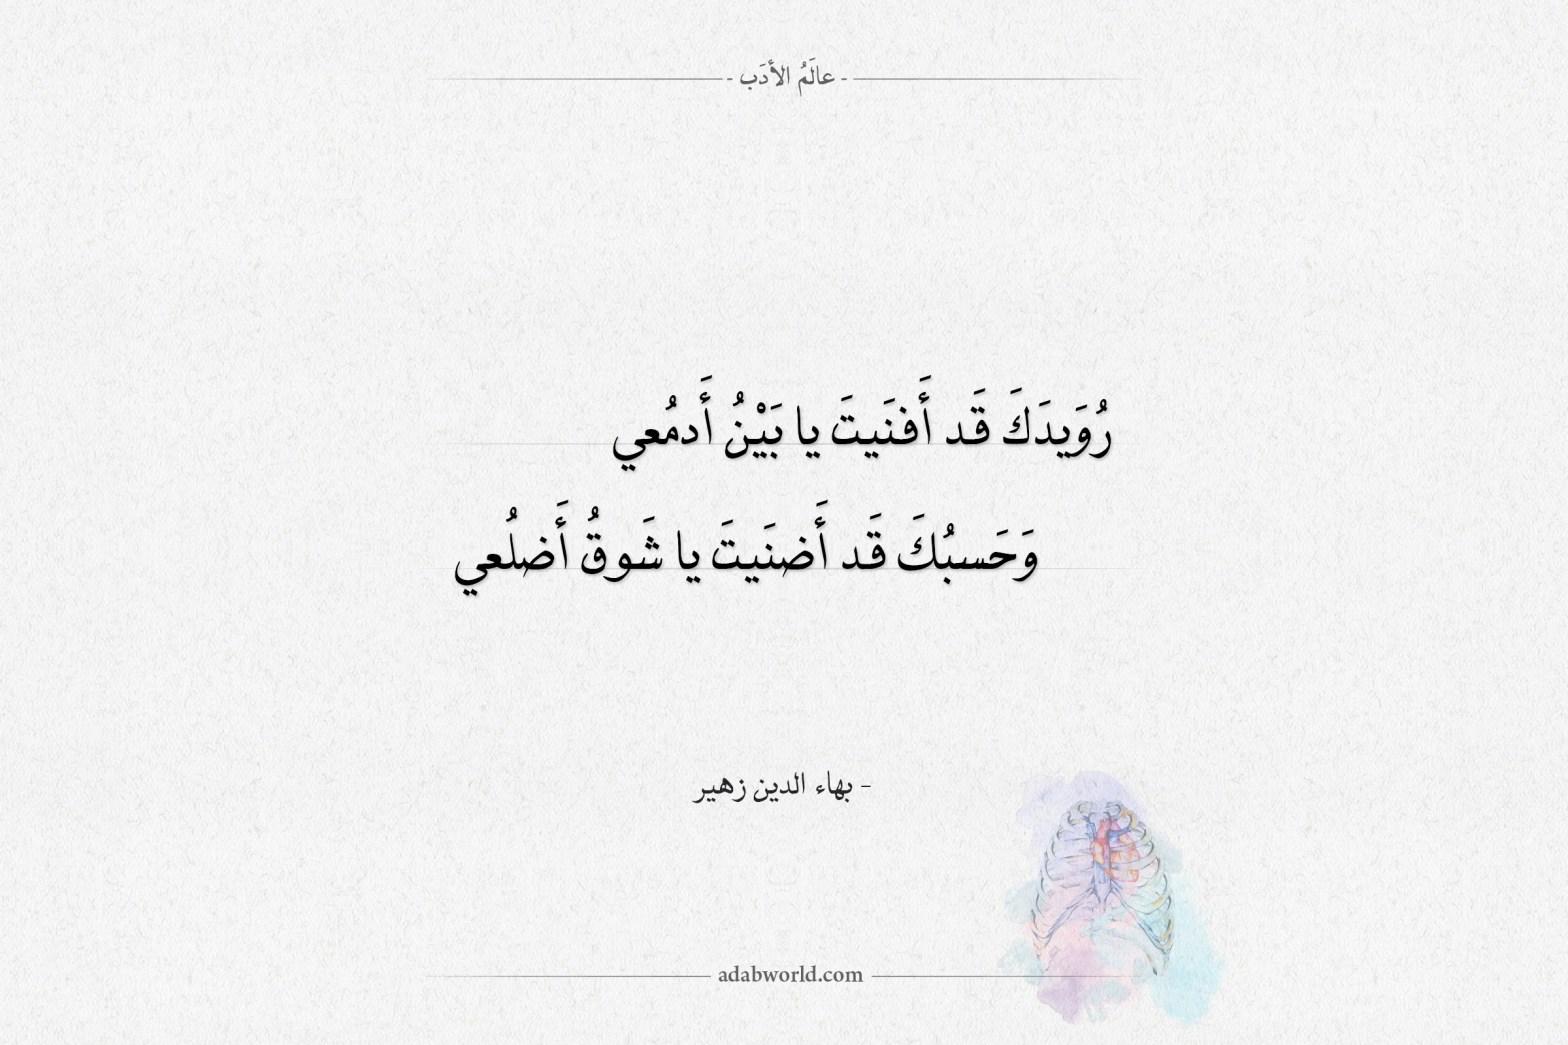 شعر بهاء الدين زهير رويدك قد أفنيت يا بين أدمعي